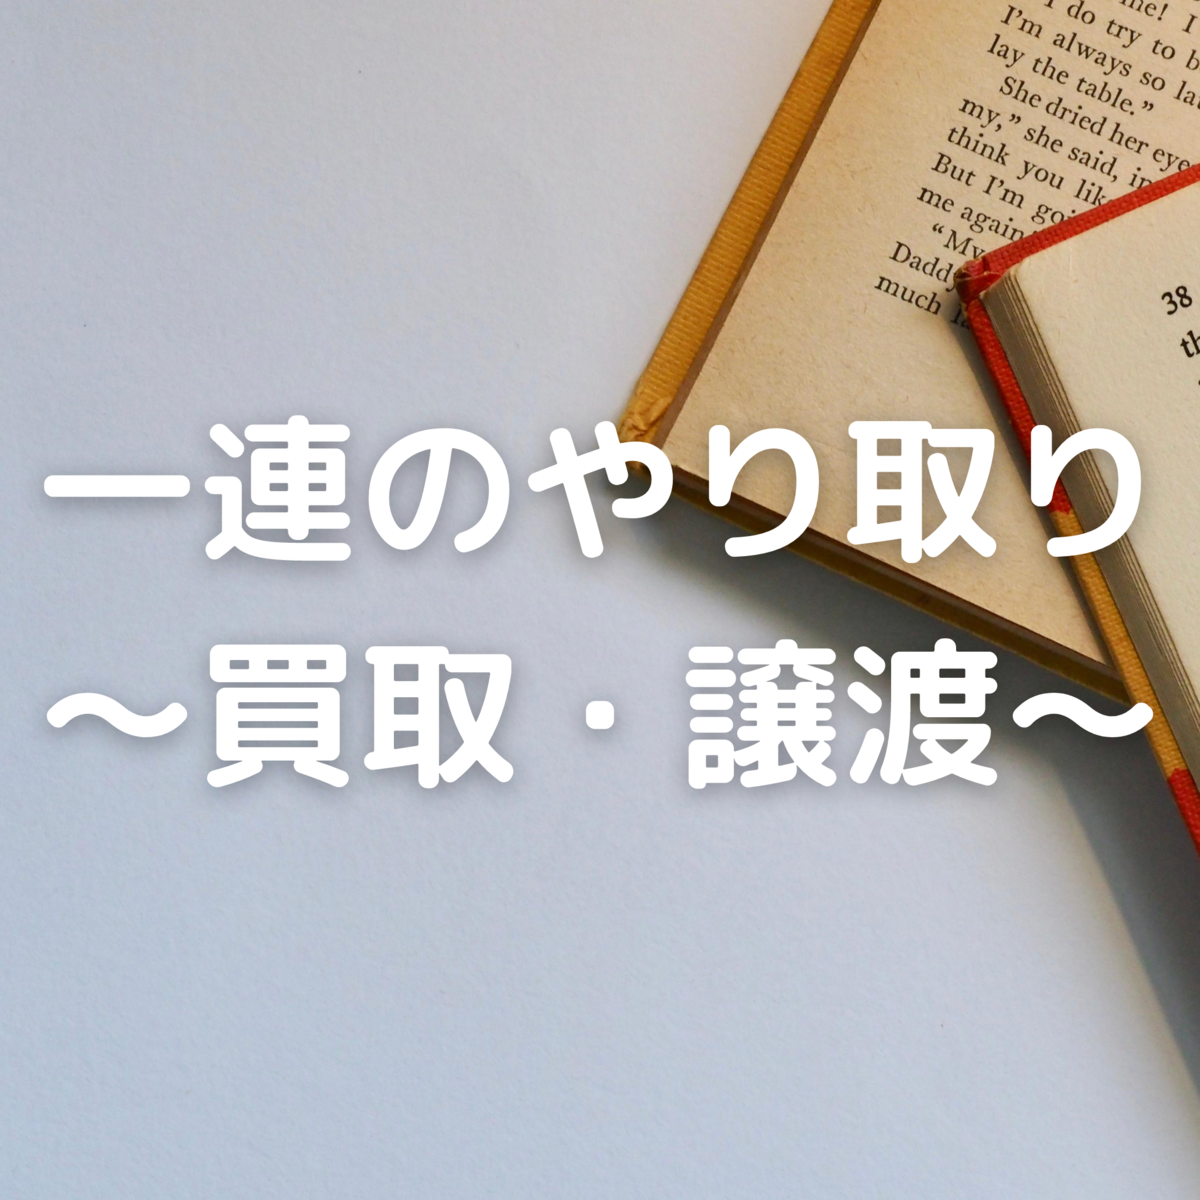 f:id:blue_otorihiki:20200728032717p:plain